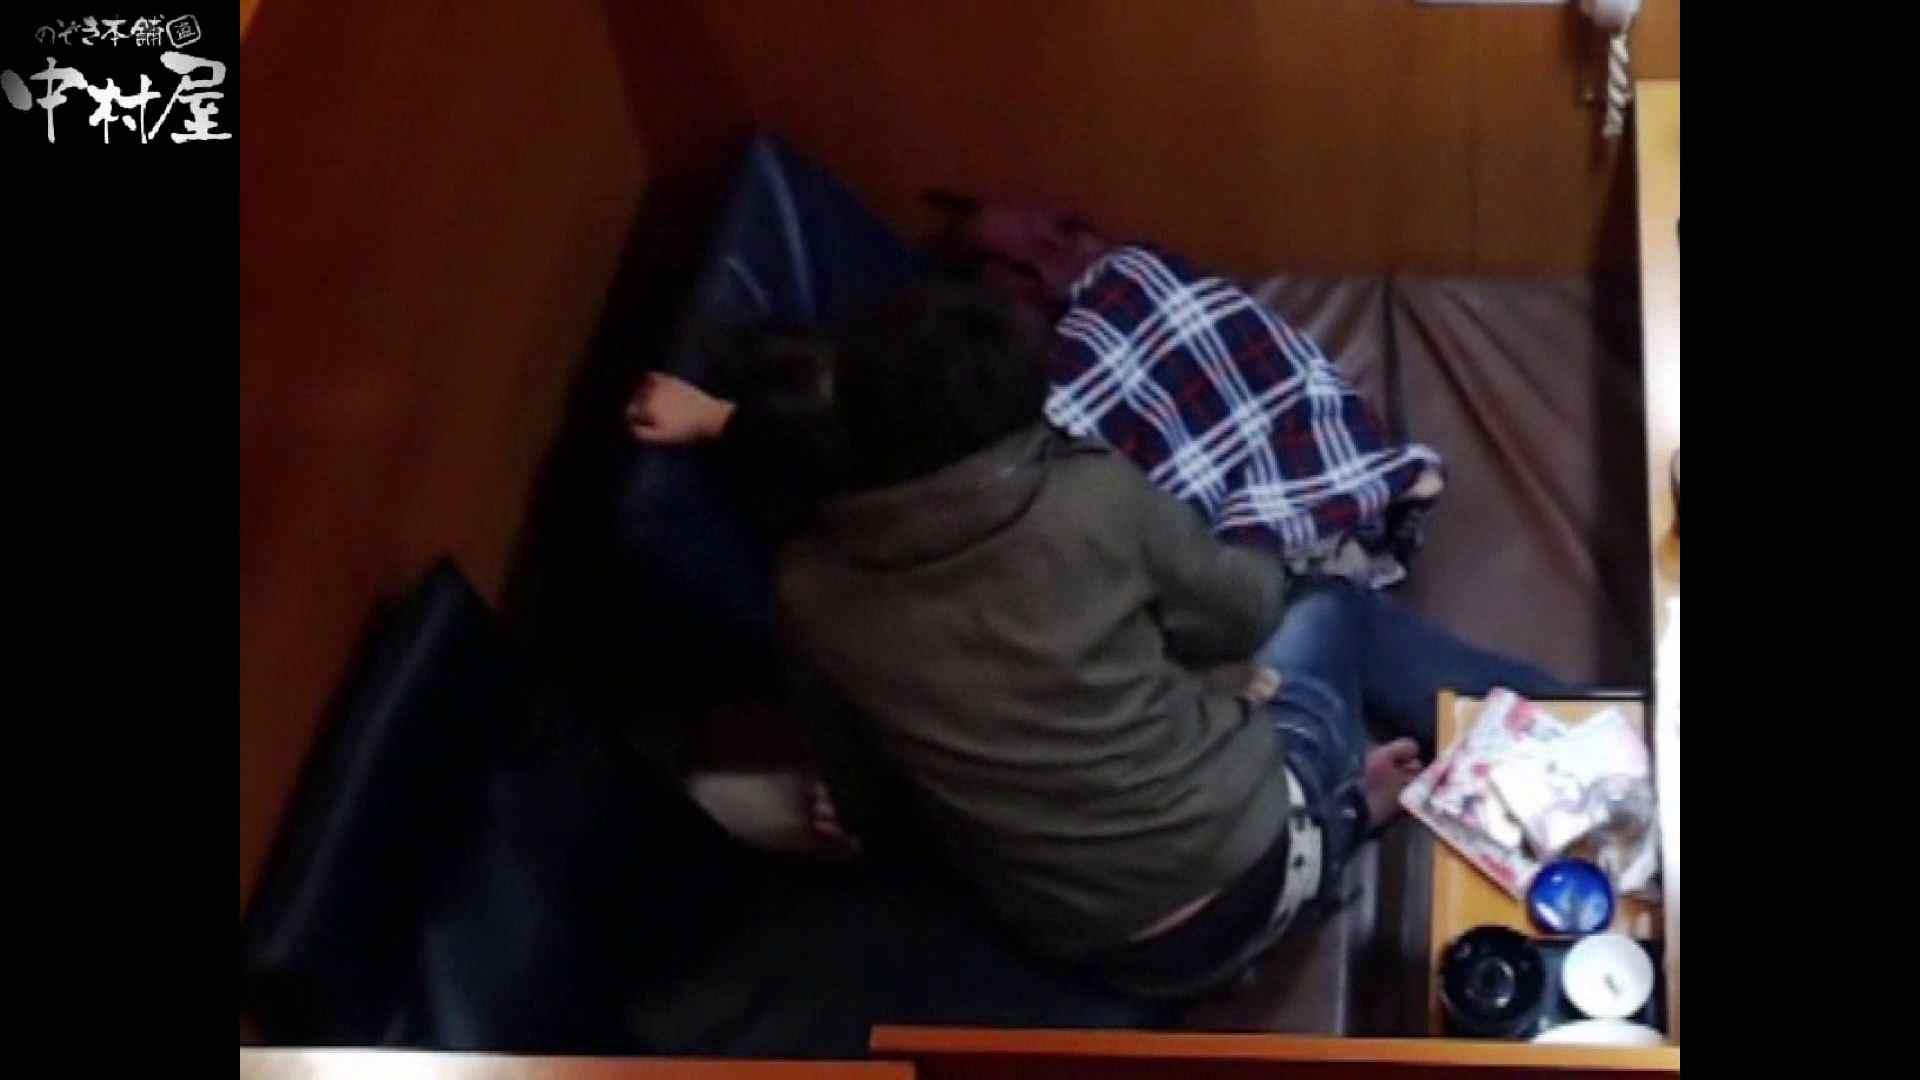 ネットカフェ盗撮師トロントさんの 素人カップル盗撮記vol.4 勃起ちんこ 隠し撮りオマンコ動画紹介 102連発 43